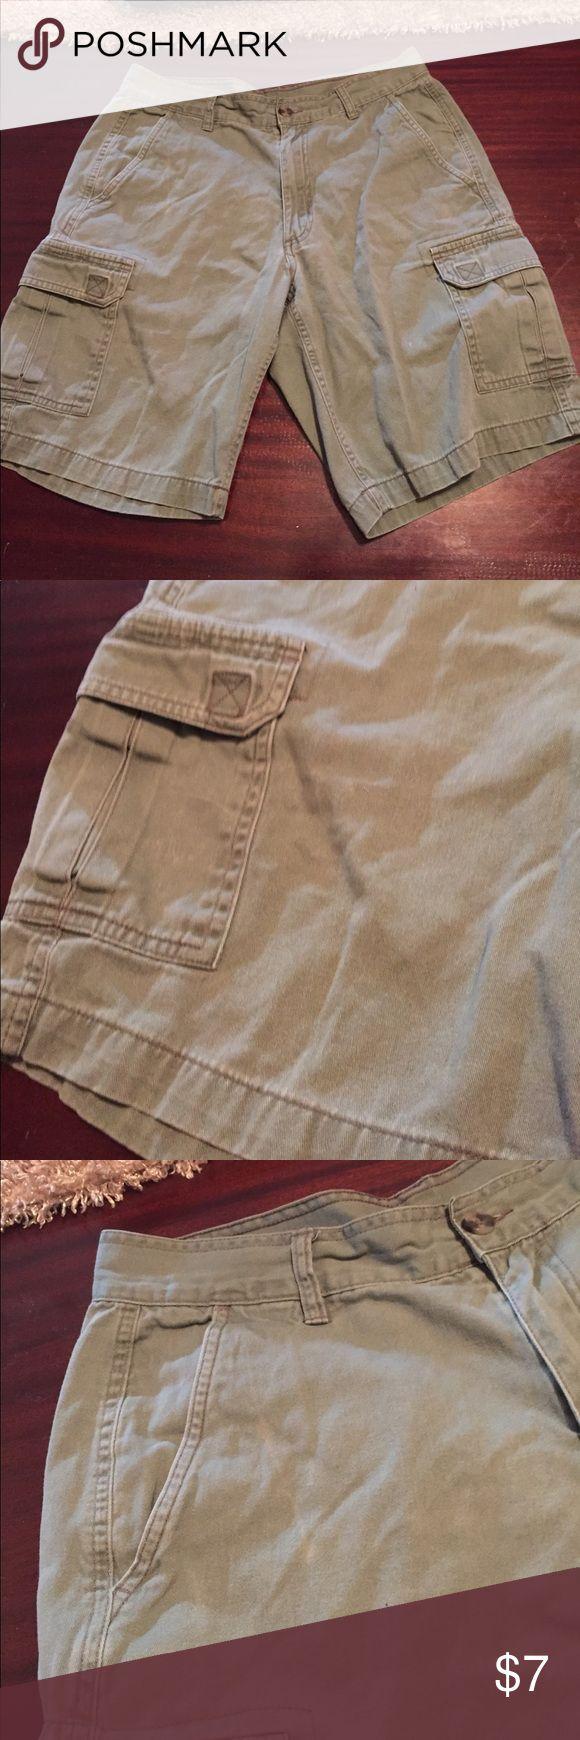 Basic Edition Olive Green Cargo Shorts - Size 32 Basic Edition Olive Green Cargo Shorts - Size 32 Basic Edition Shorts Cargo